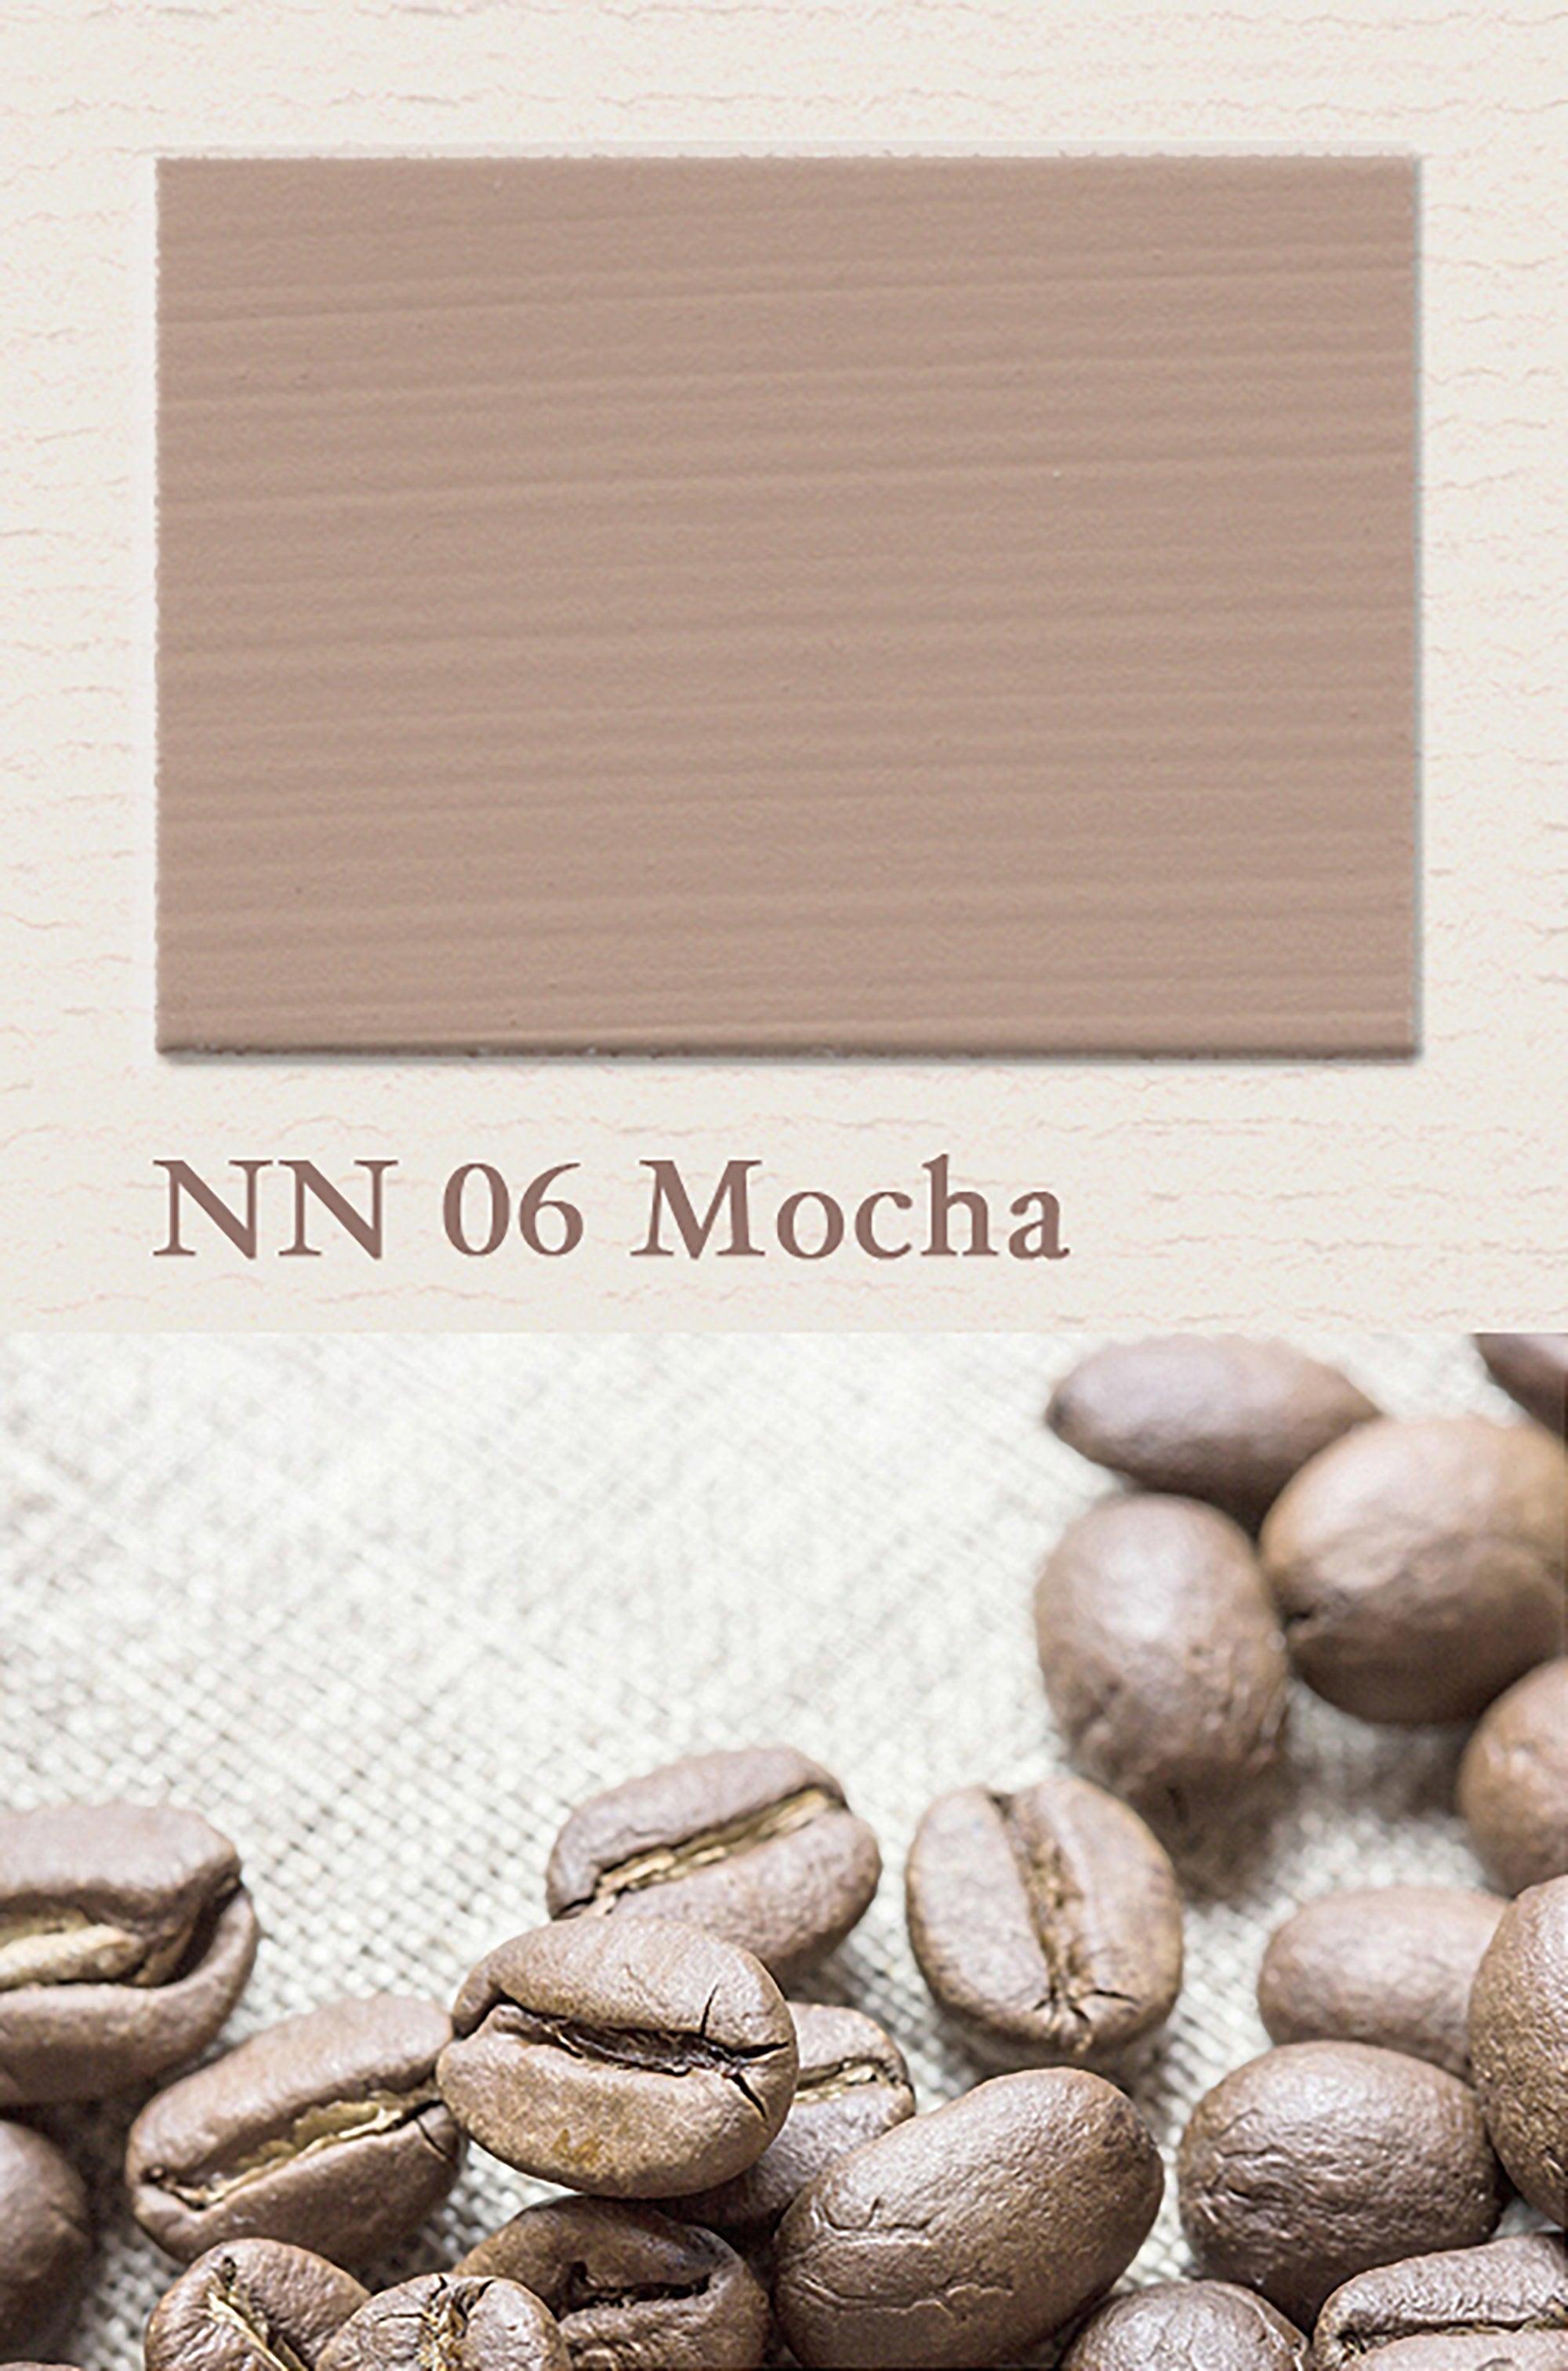 MOCHA (NN06)